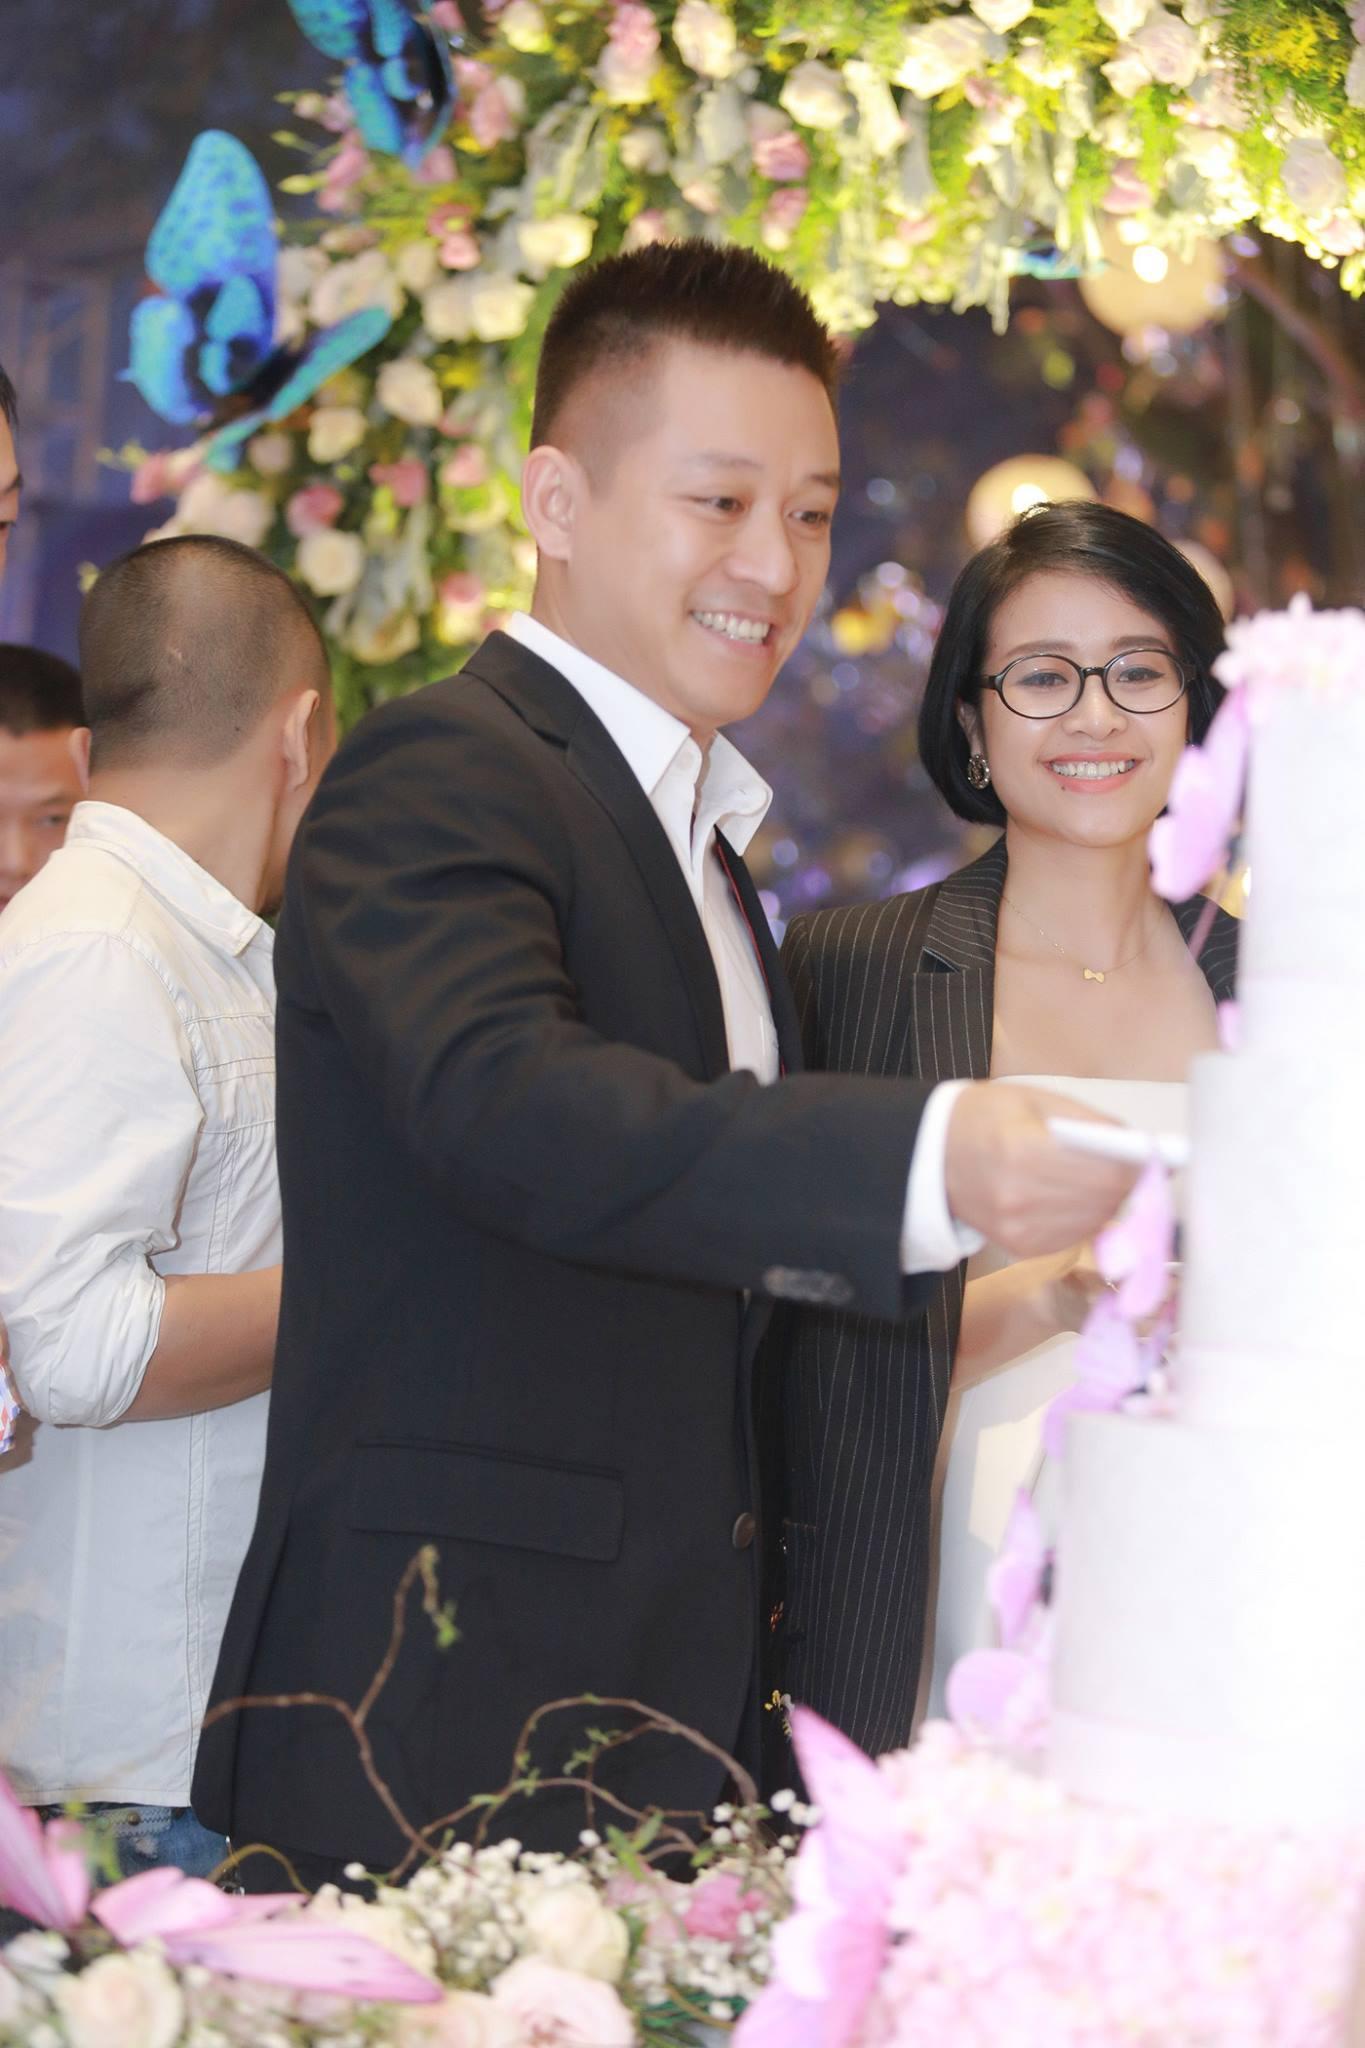 Sao Việt: Dàn sao Việt tấp nập đến mừng đám cưới MC Thành Trung